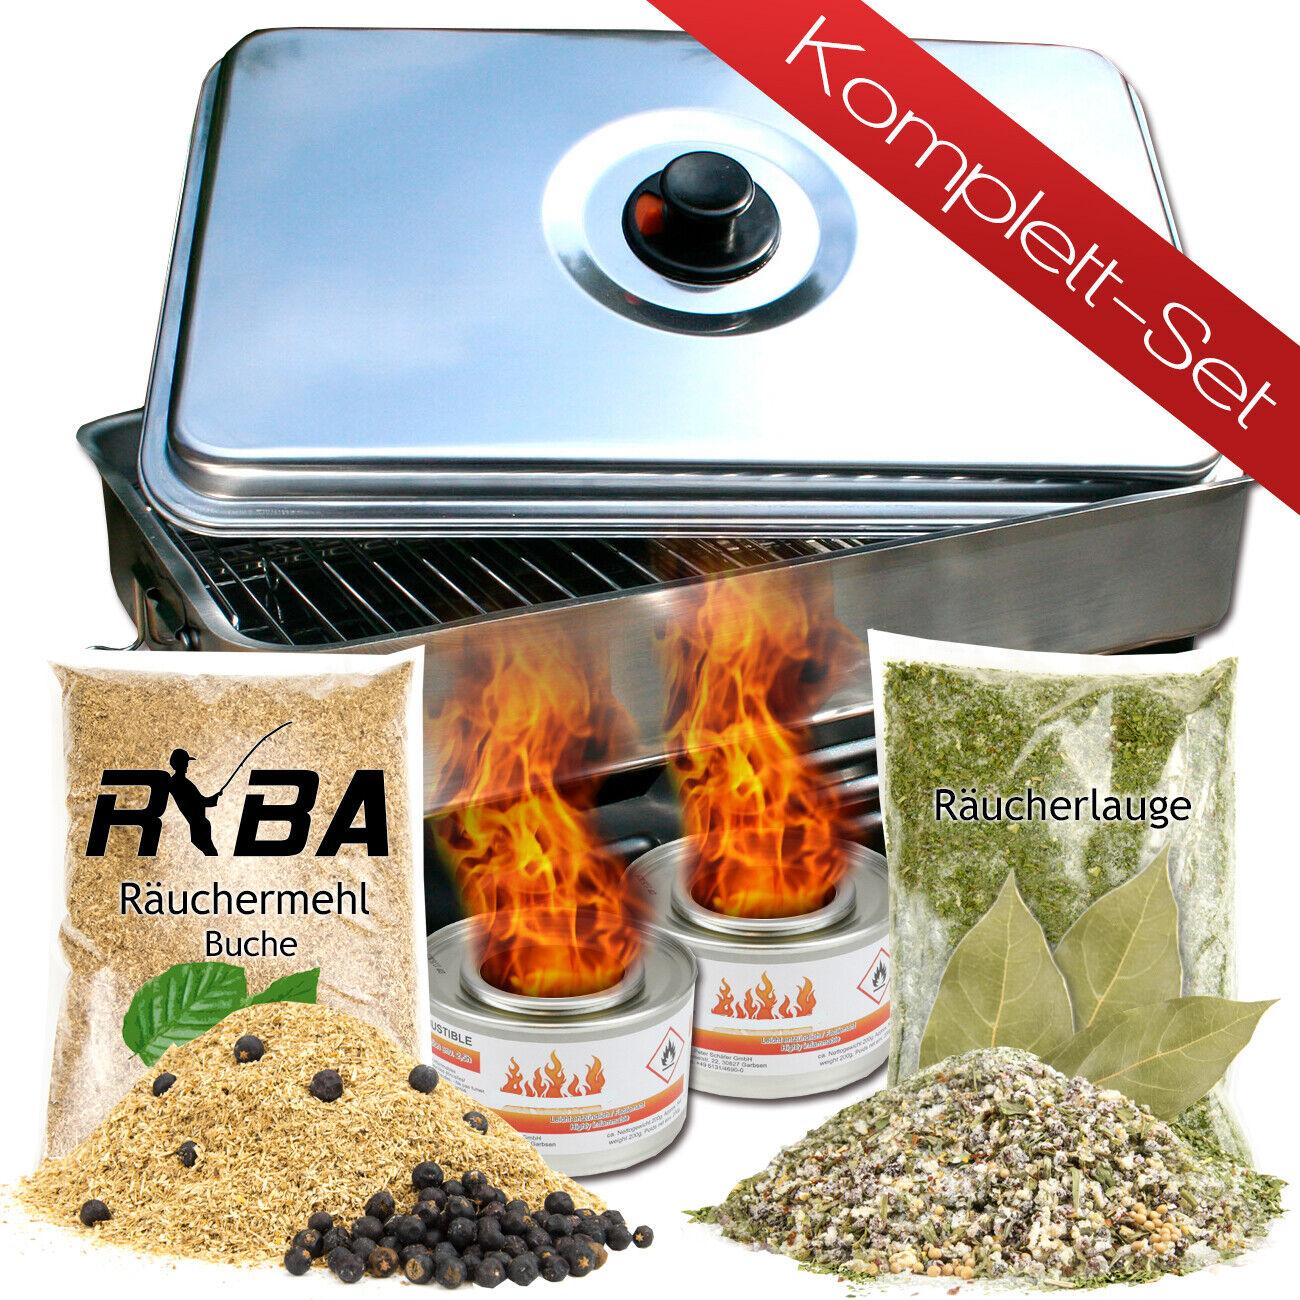 RYBA - Tischräucherofen + Brennpaste, Räuchermehl mit Wacholder, Räucherlauge